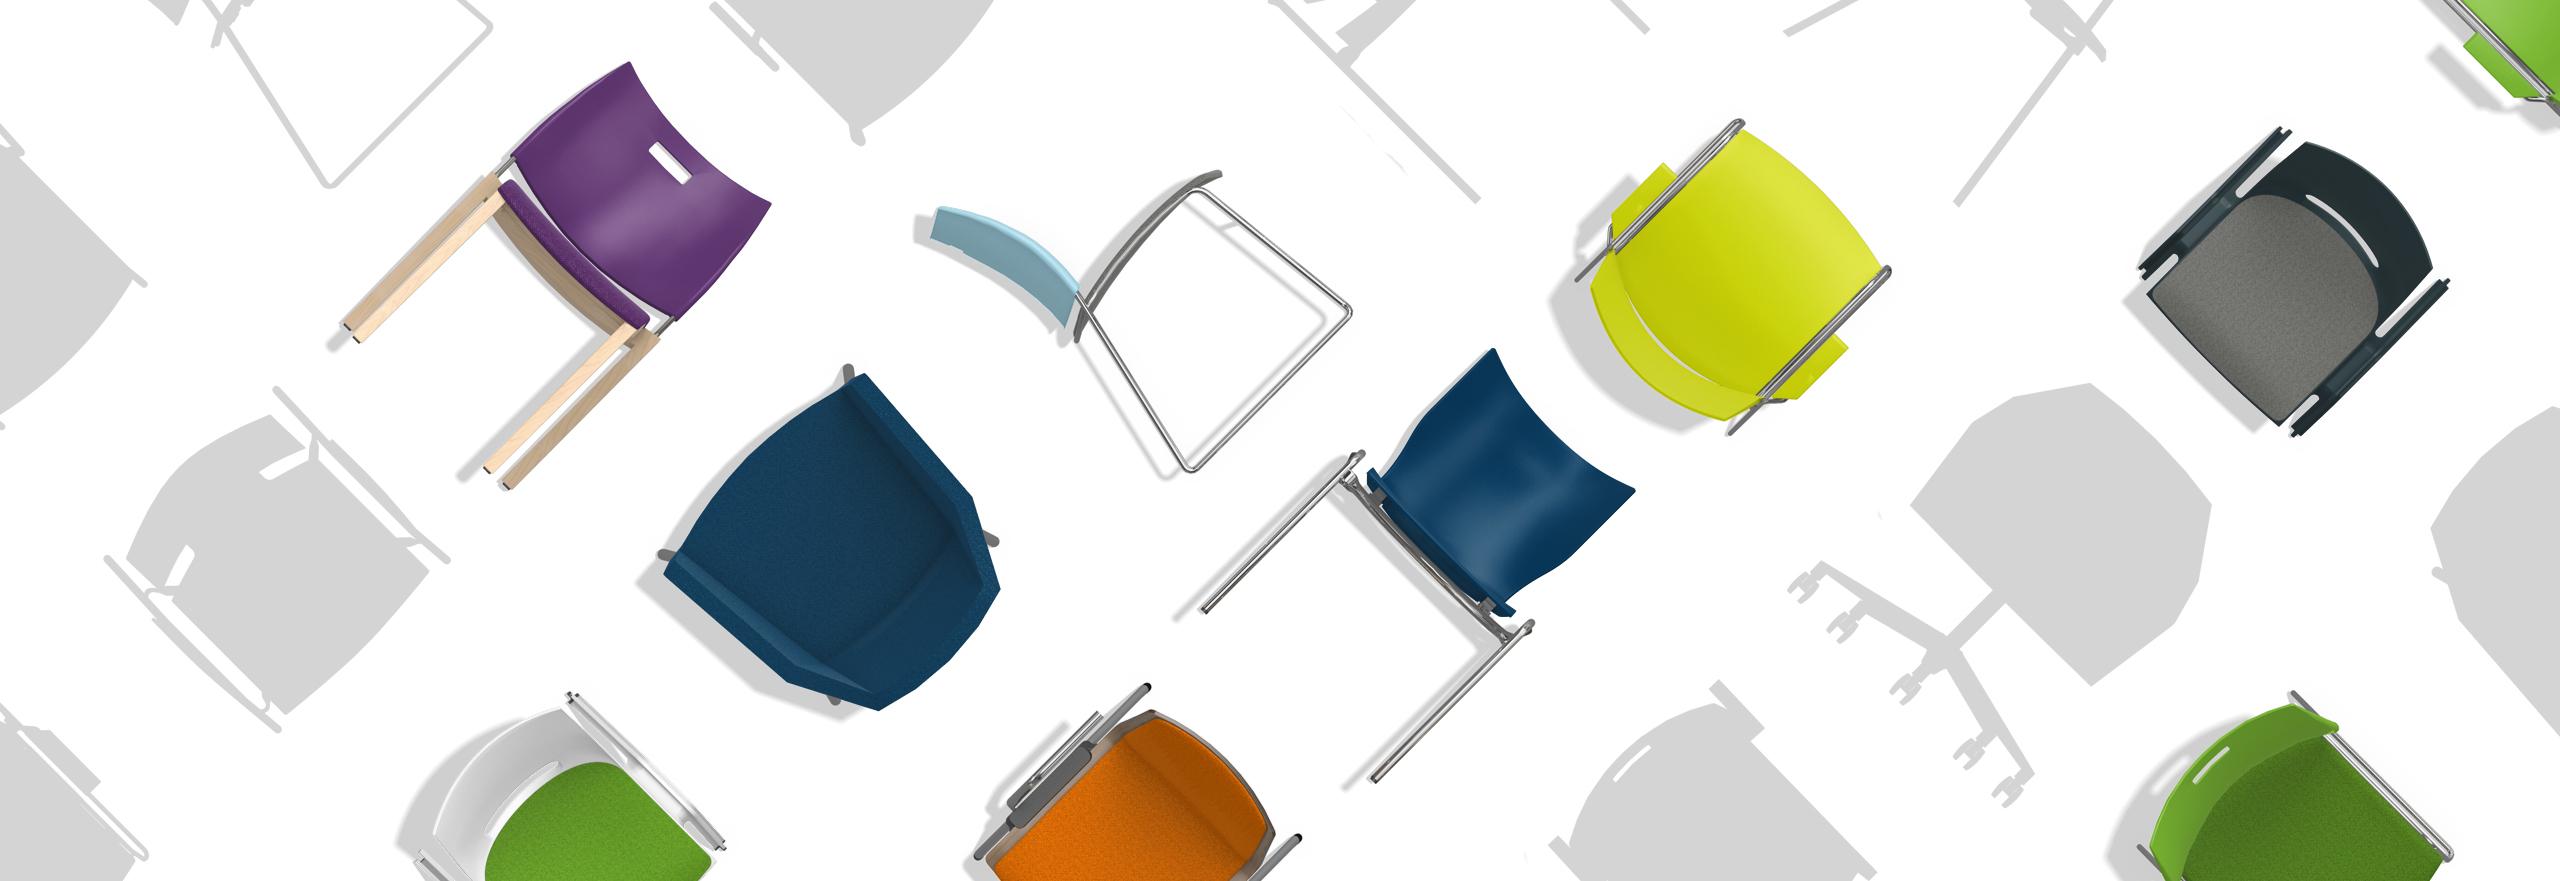 Casala in pCon   Funktionalität und Design in perfekter Harmonie Raumplanung pCon.catalog OFML